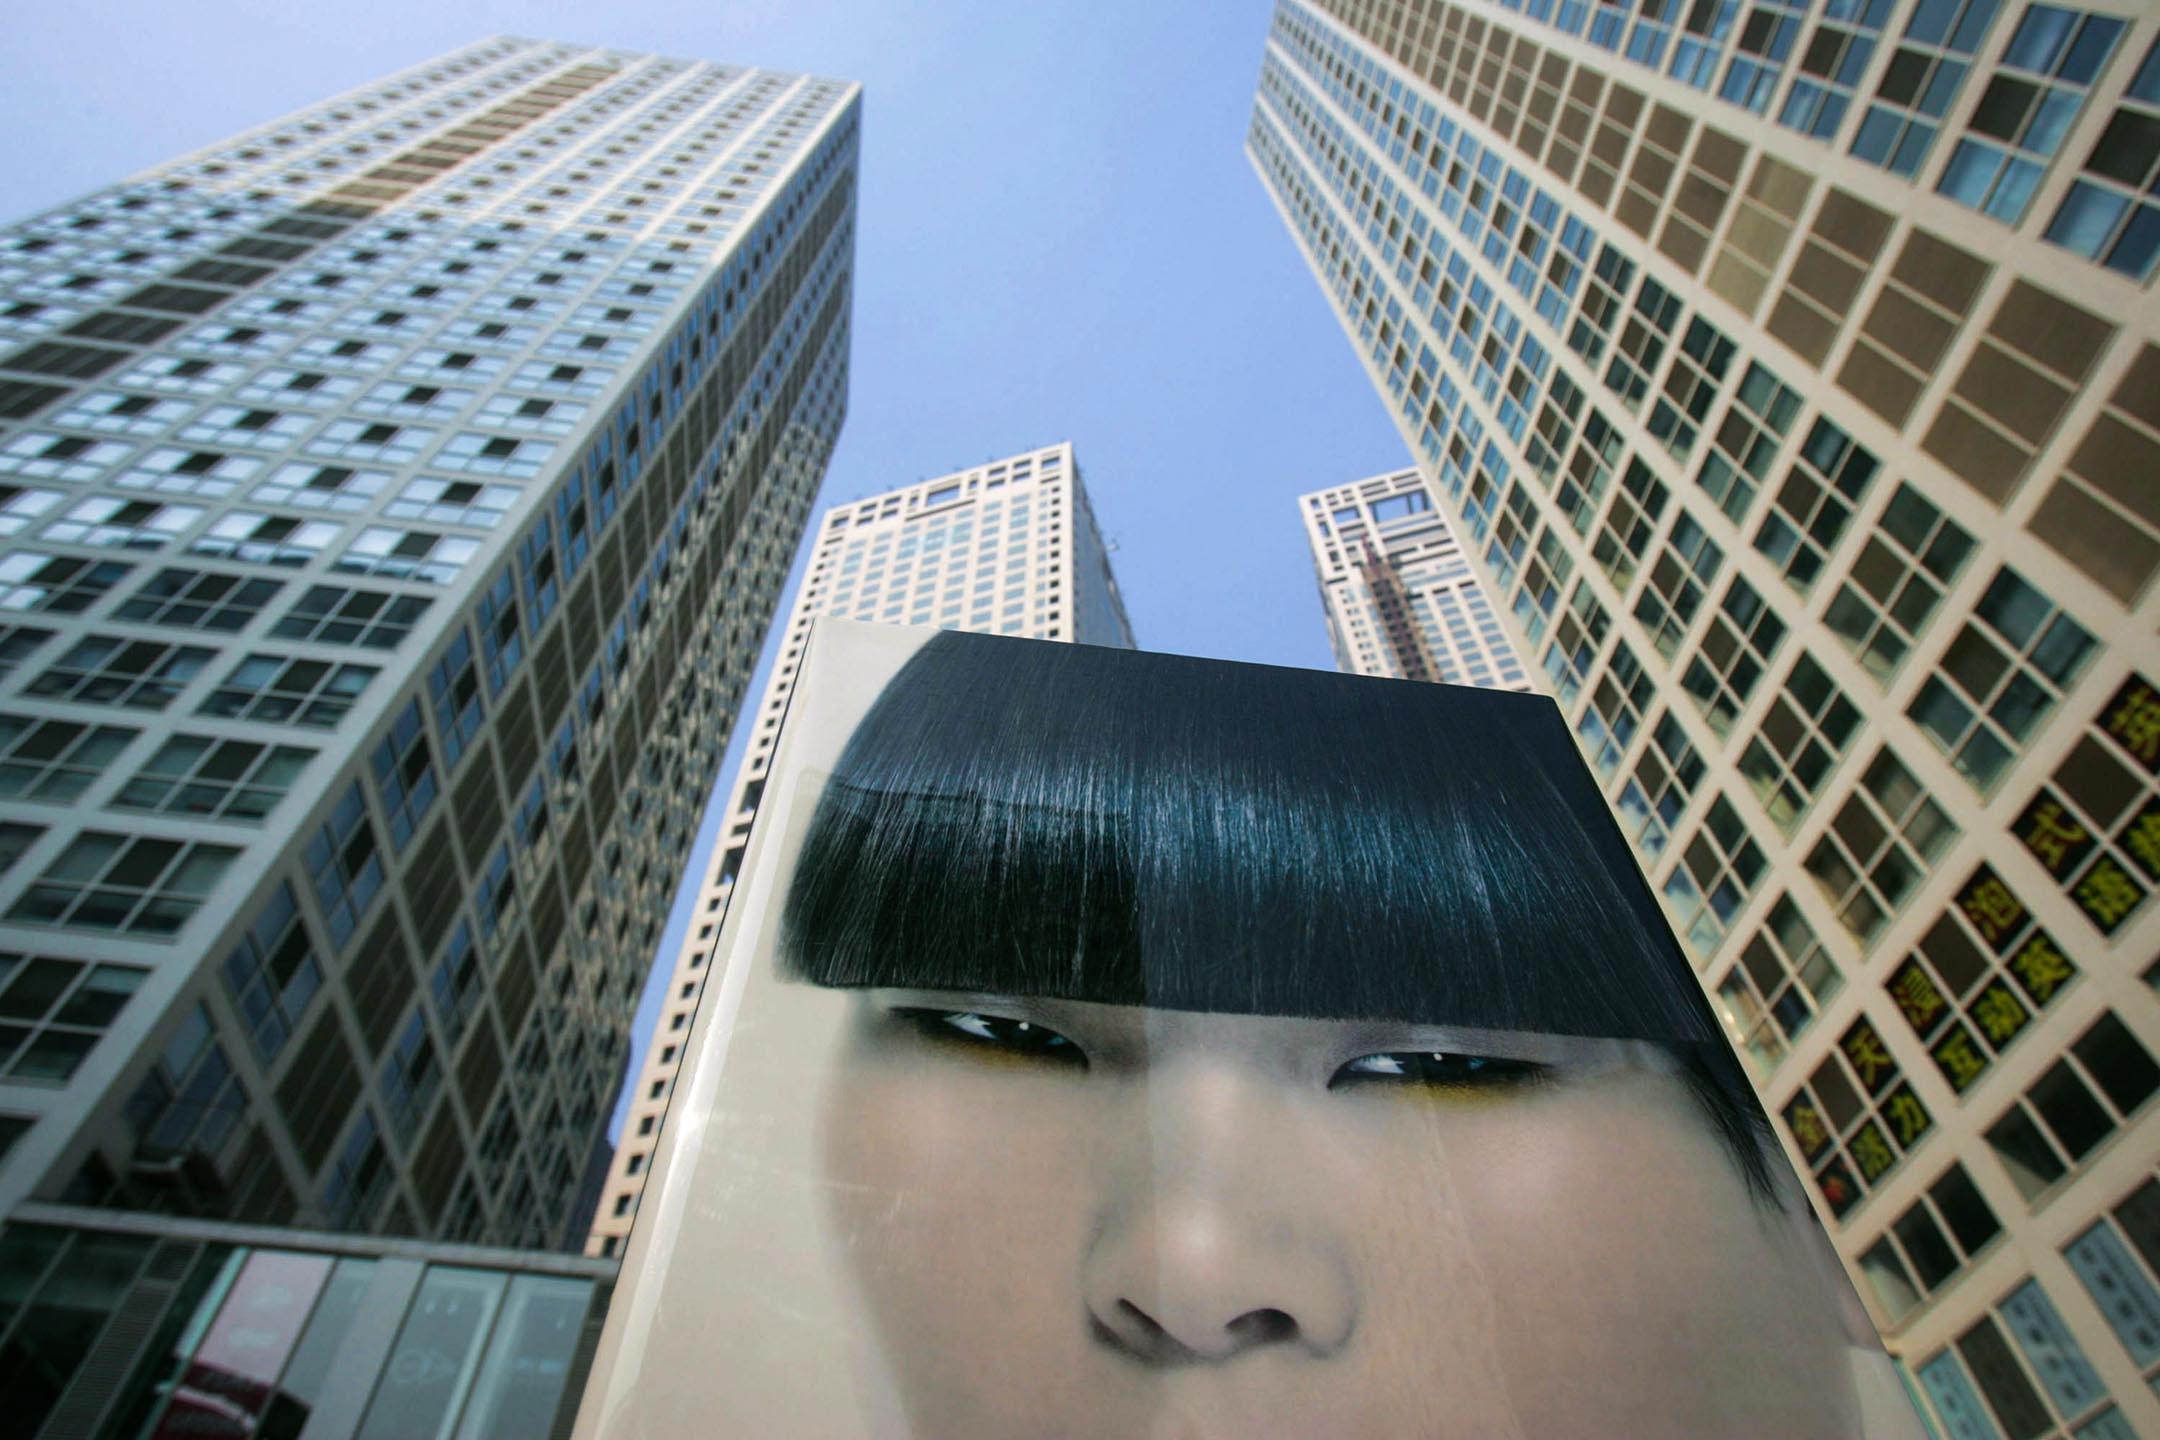 相較先前的法規體系,新法的最大變化,是明令禁止政府對於外國商業行為的非法干預與強制性技術轉讓。圖為中國北京商業區的廣告牌。  圖:China Photos via Getty Images